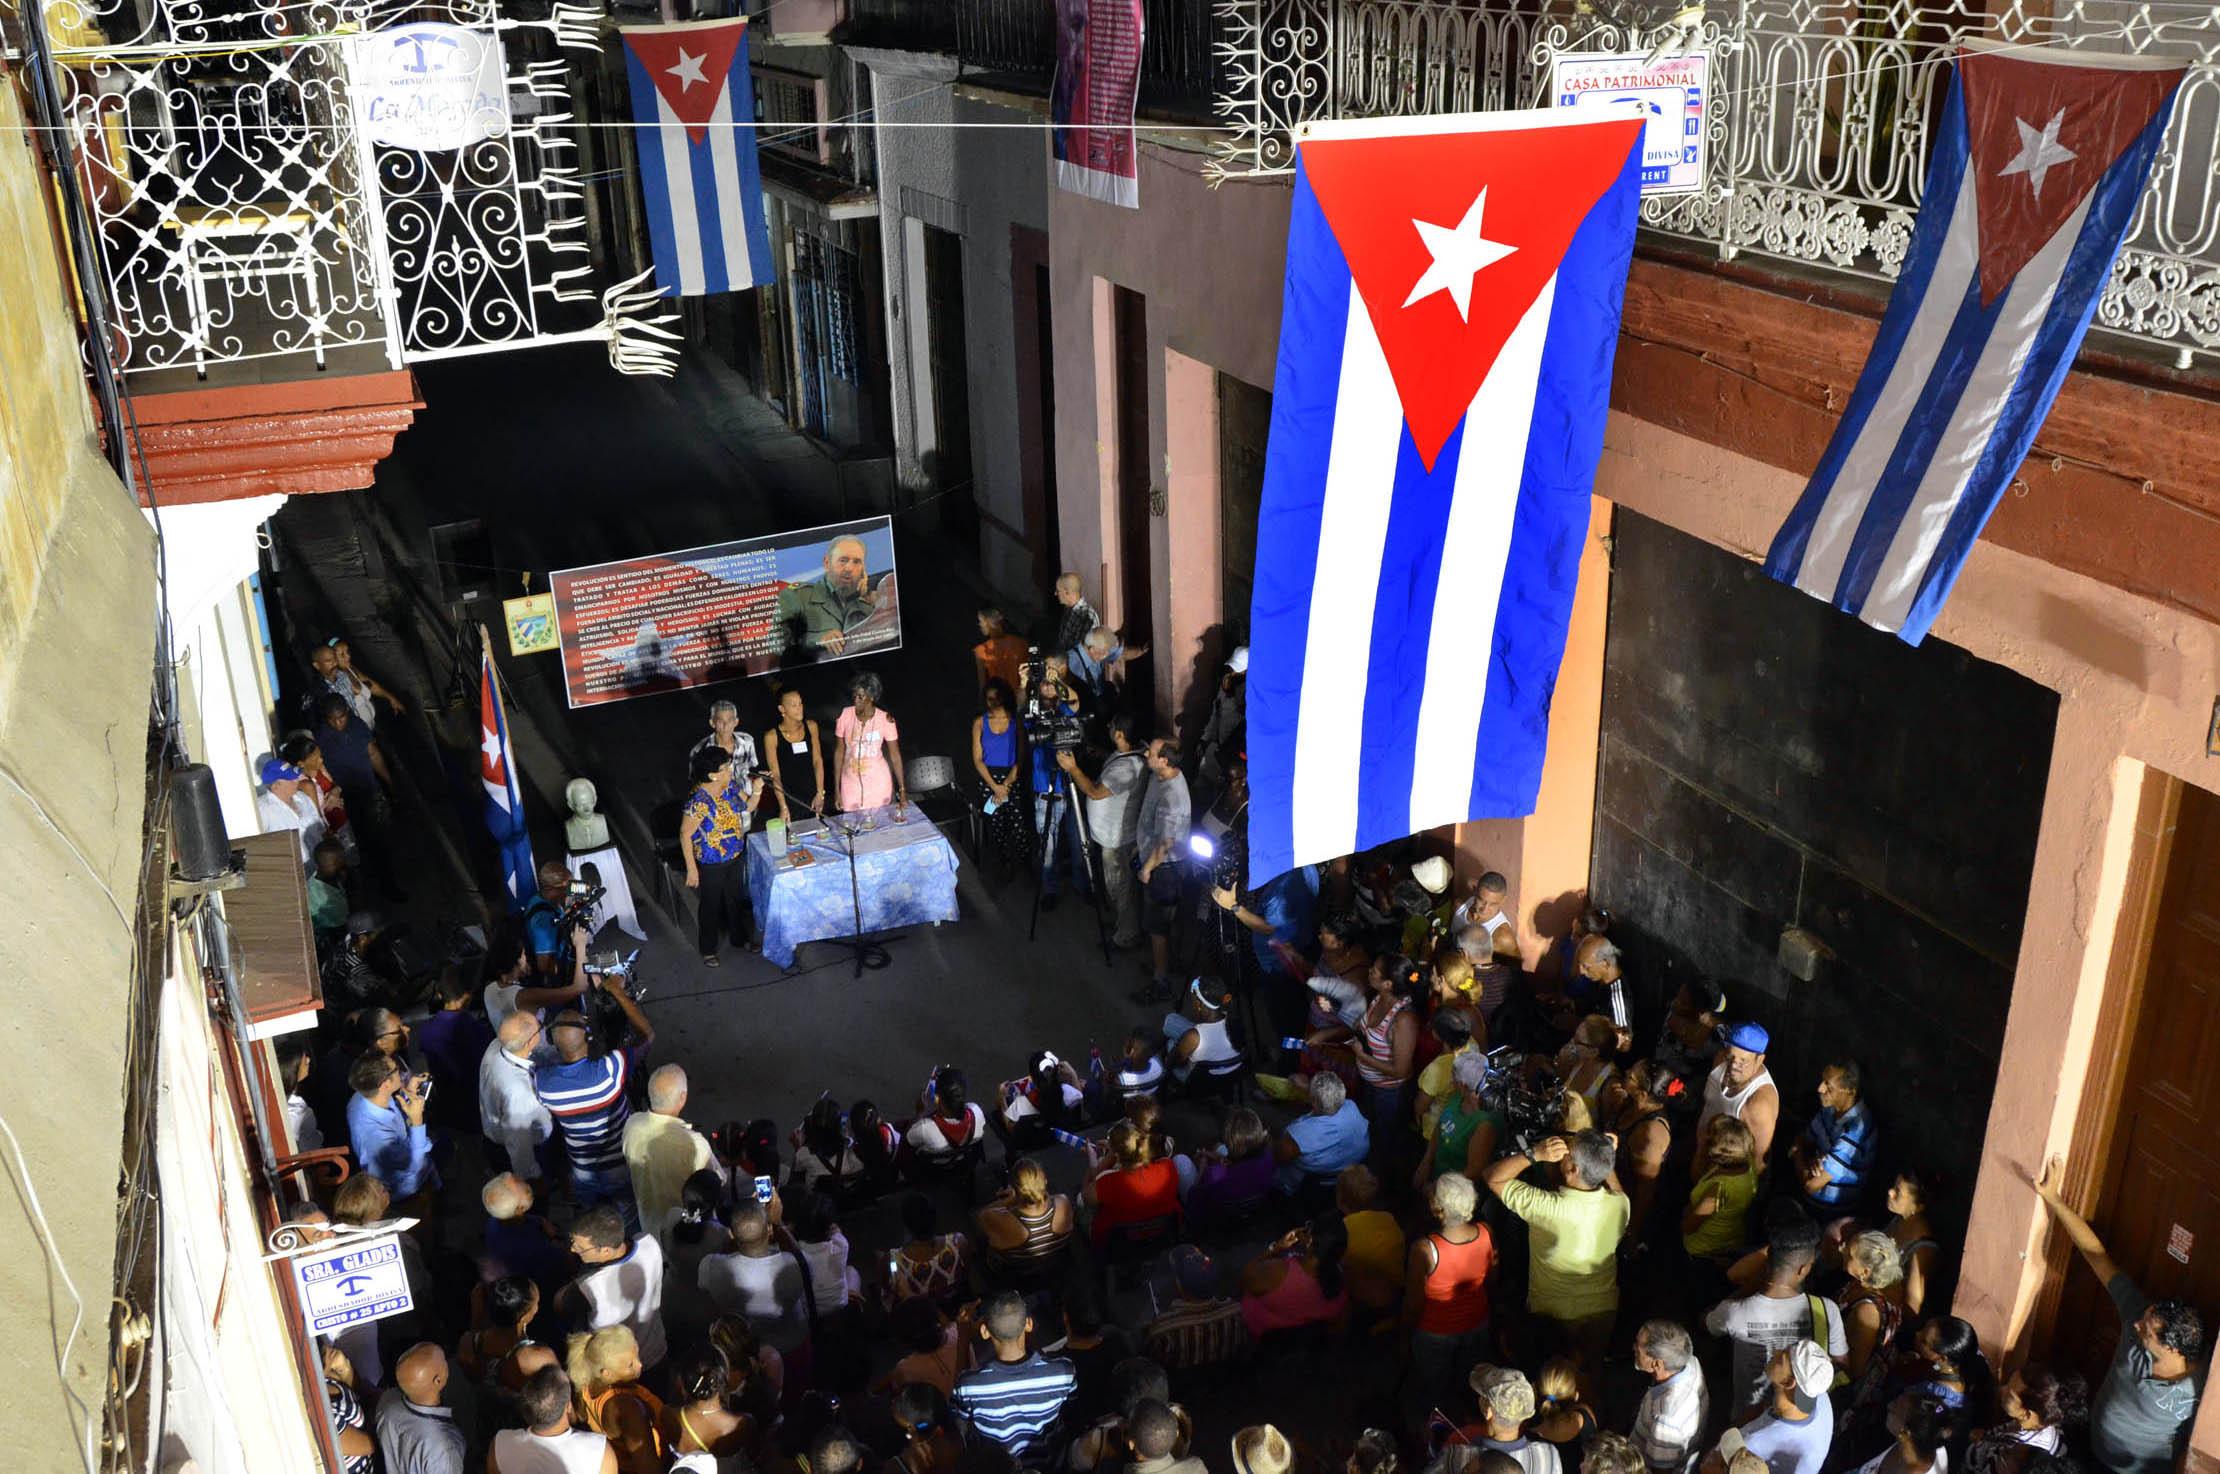 (170904) -- LA HABANA, septiembre 4, 2017 (Xinhua) -- Personas participan durante la postulación de candidatos para las elecciones generales, en el Consejo Popular Plaza Vieja, circunscripción 20, en el municipio Habana Vieja, en la Habana, Cuba, el 4 de septiembre de 2017. Cuba inicia el lunes con la postulación de candidatos, la primera etapa del proceso de elecciones generales, el cual despierta expectativas pues concluirá el año entrante con la designación por parte de los nuevos diputados al parlamento del sucesor del presidente Raúl Castro. (Xinhua/Joaquín Hernández) (jh) (da) (rtg)